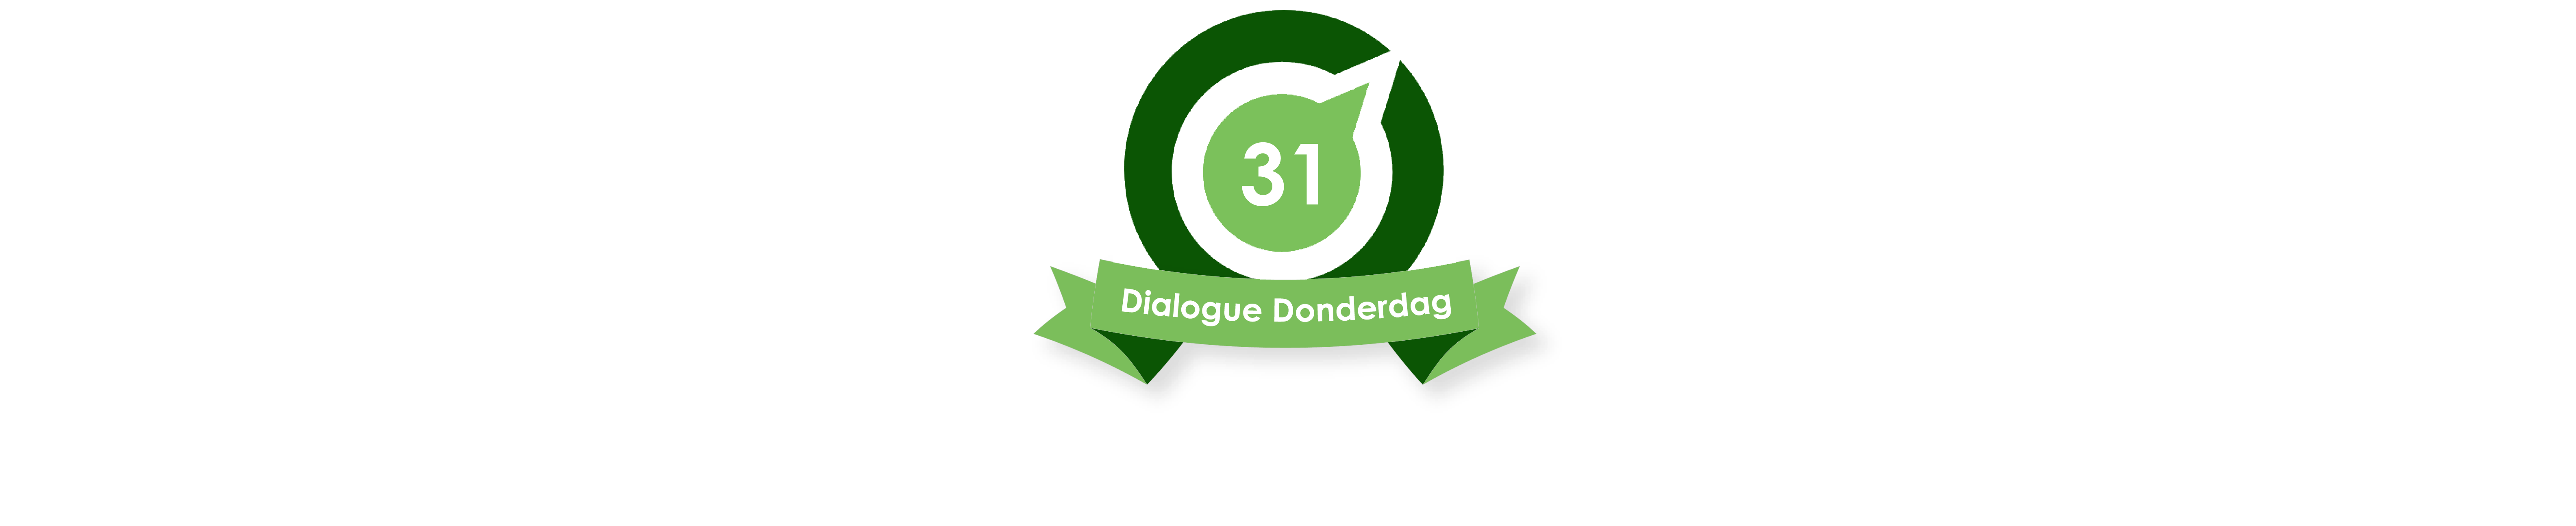 dialogue donderdag